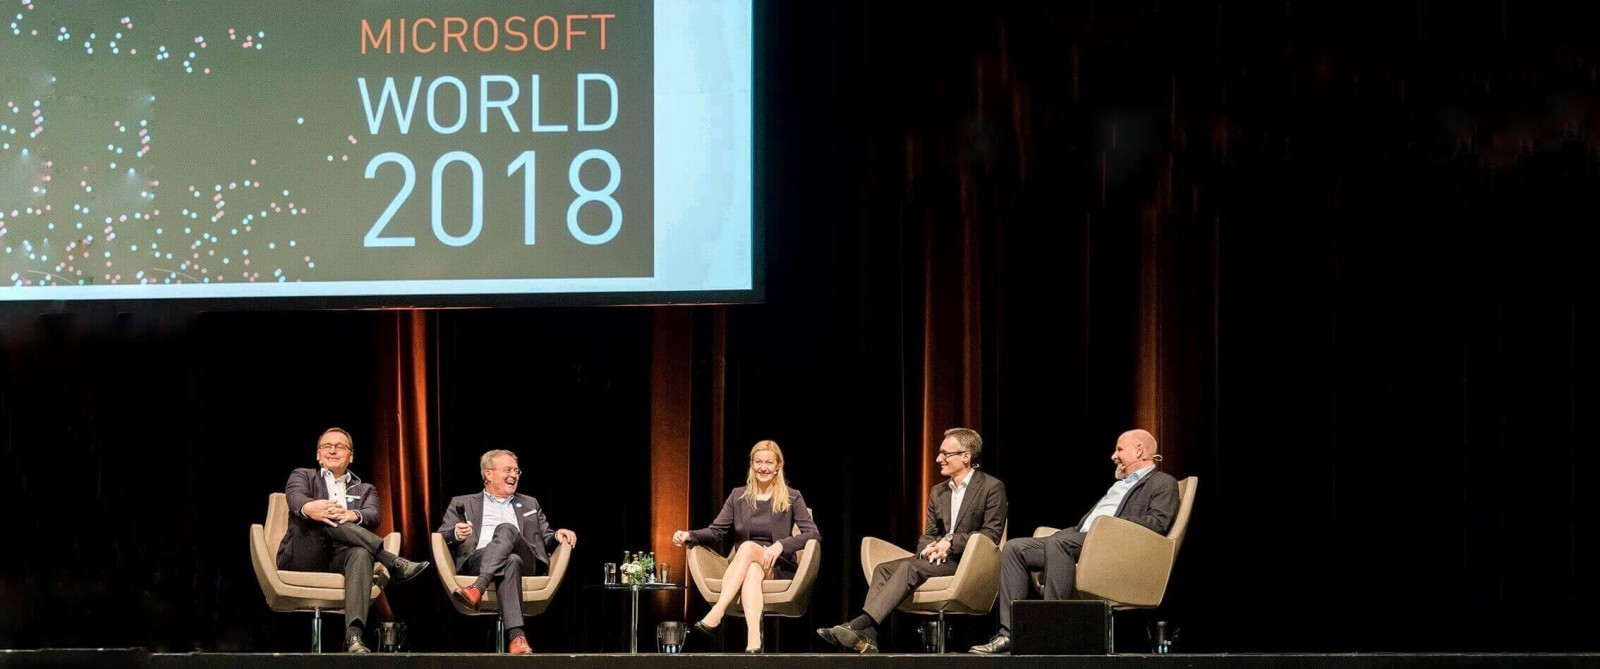 Moderatorin Digitalisierung, Smart City, Mobility, Künstliche Intelligenz, Datensicherheit, Digital Health